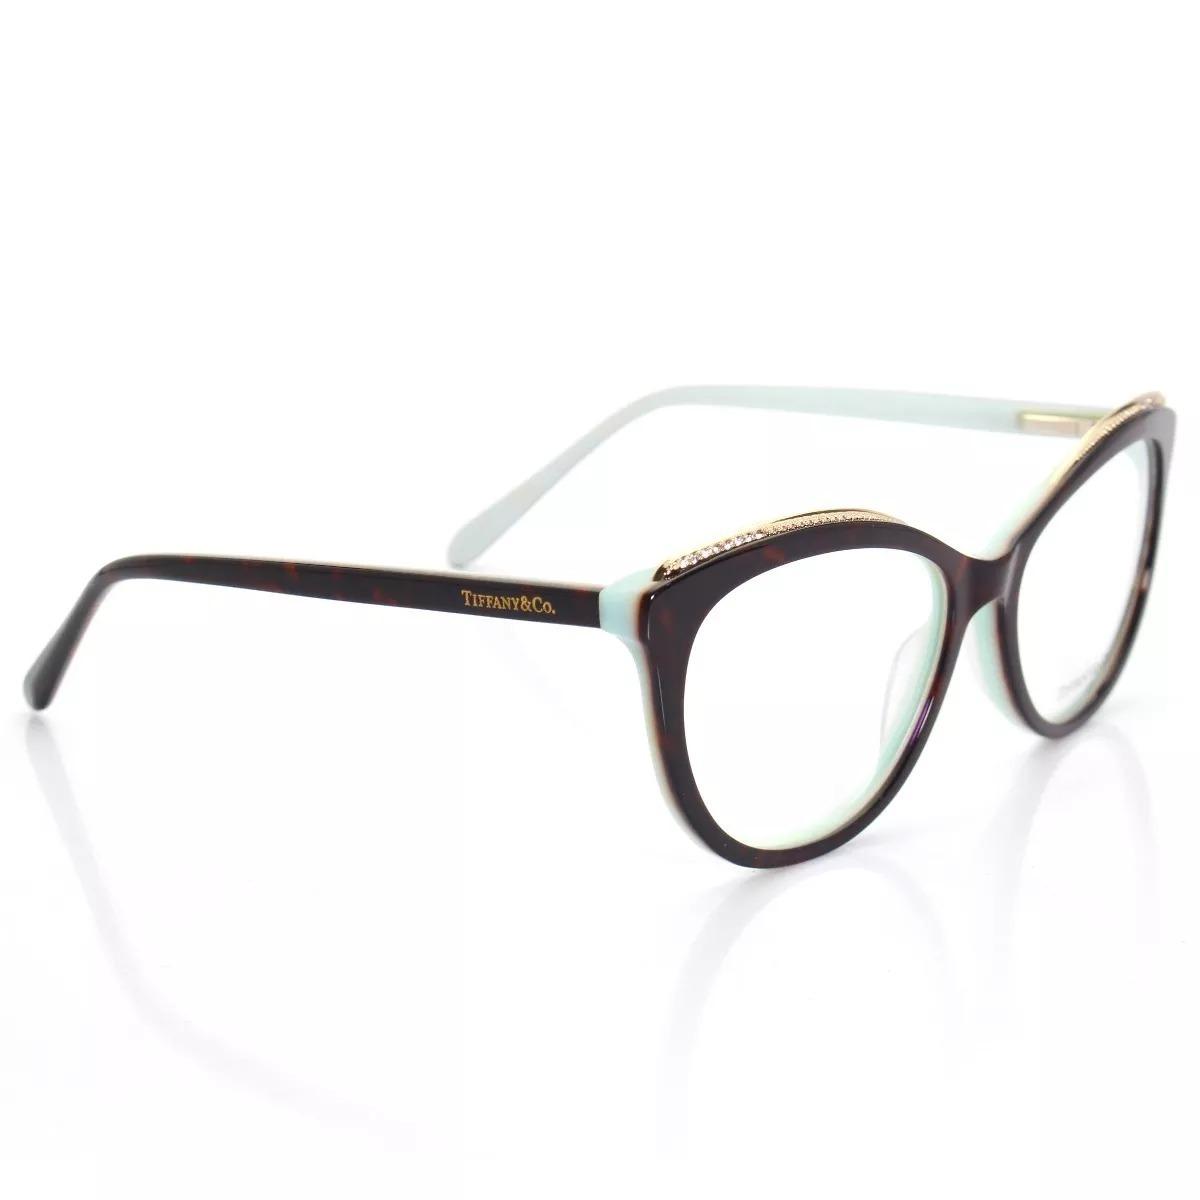 0ada6162f Armação Óculos Gatinho Com Strass Feminino Tf2147 Com Kit - R$ 199 ...